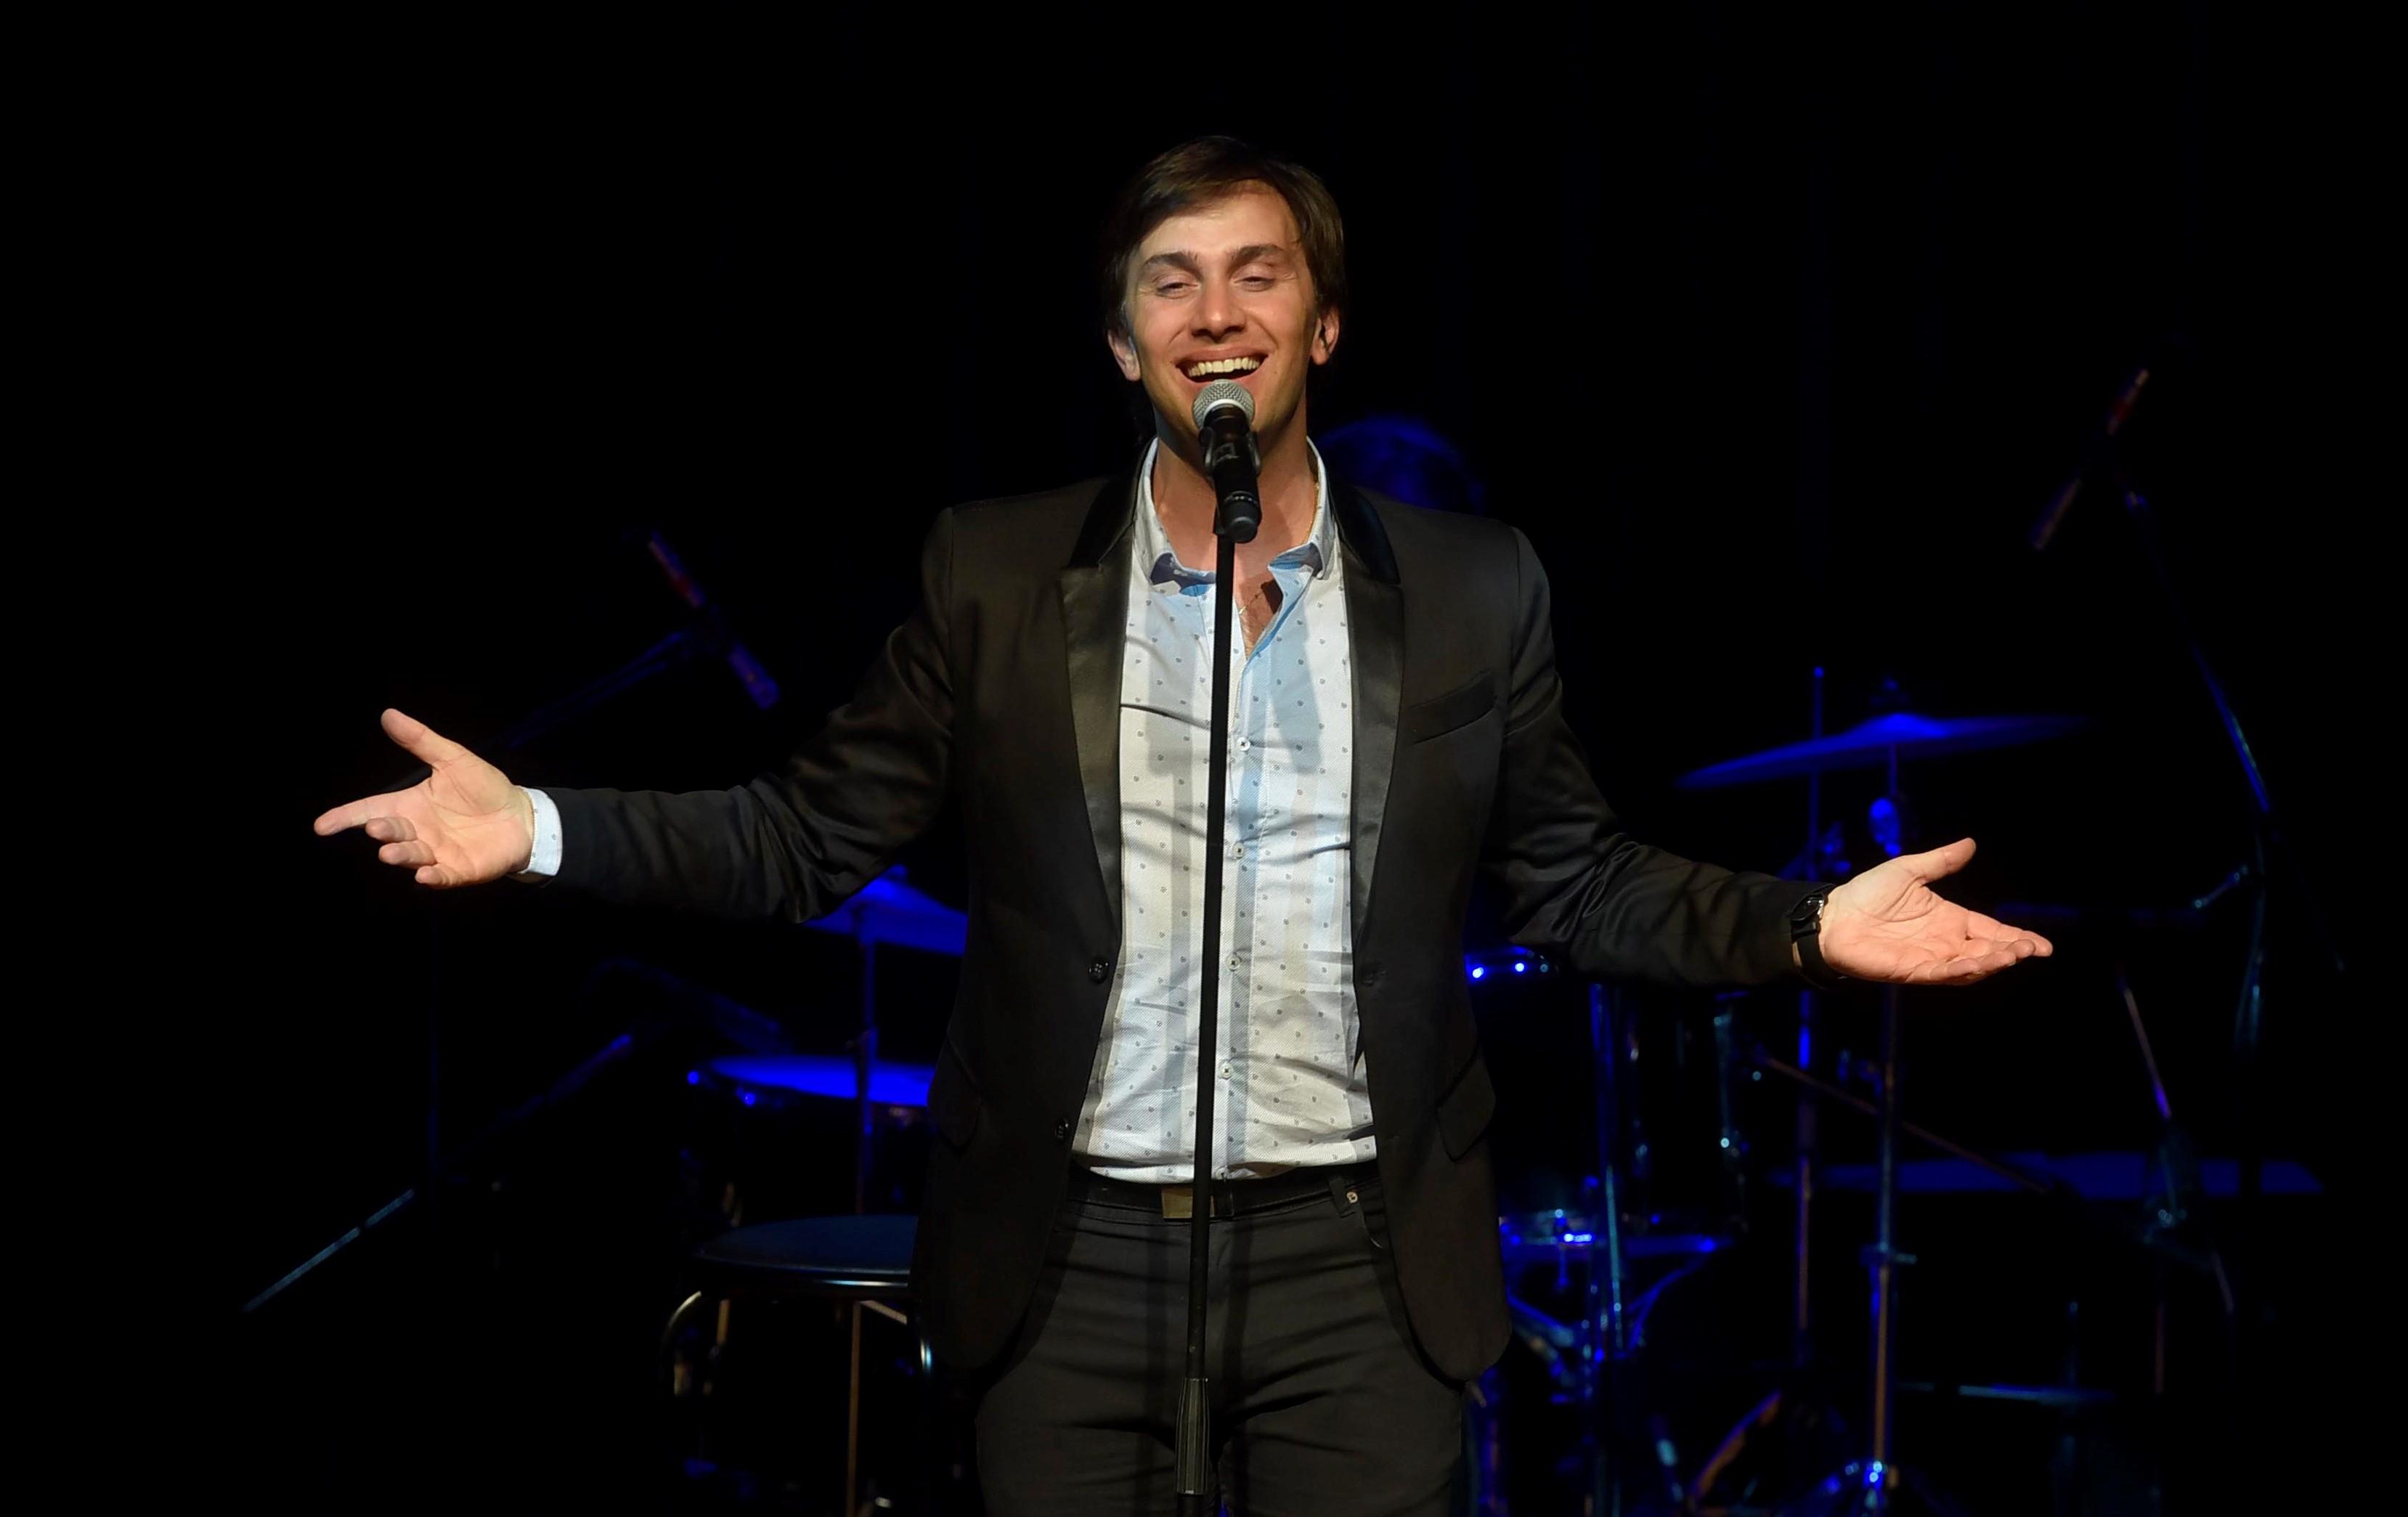 El cantante berissense Odino Faccia es la voz elegida para cantar en la XVII Cumbre por la Paz, en México.